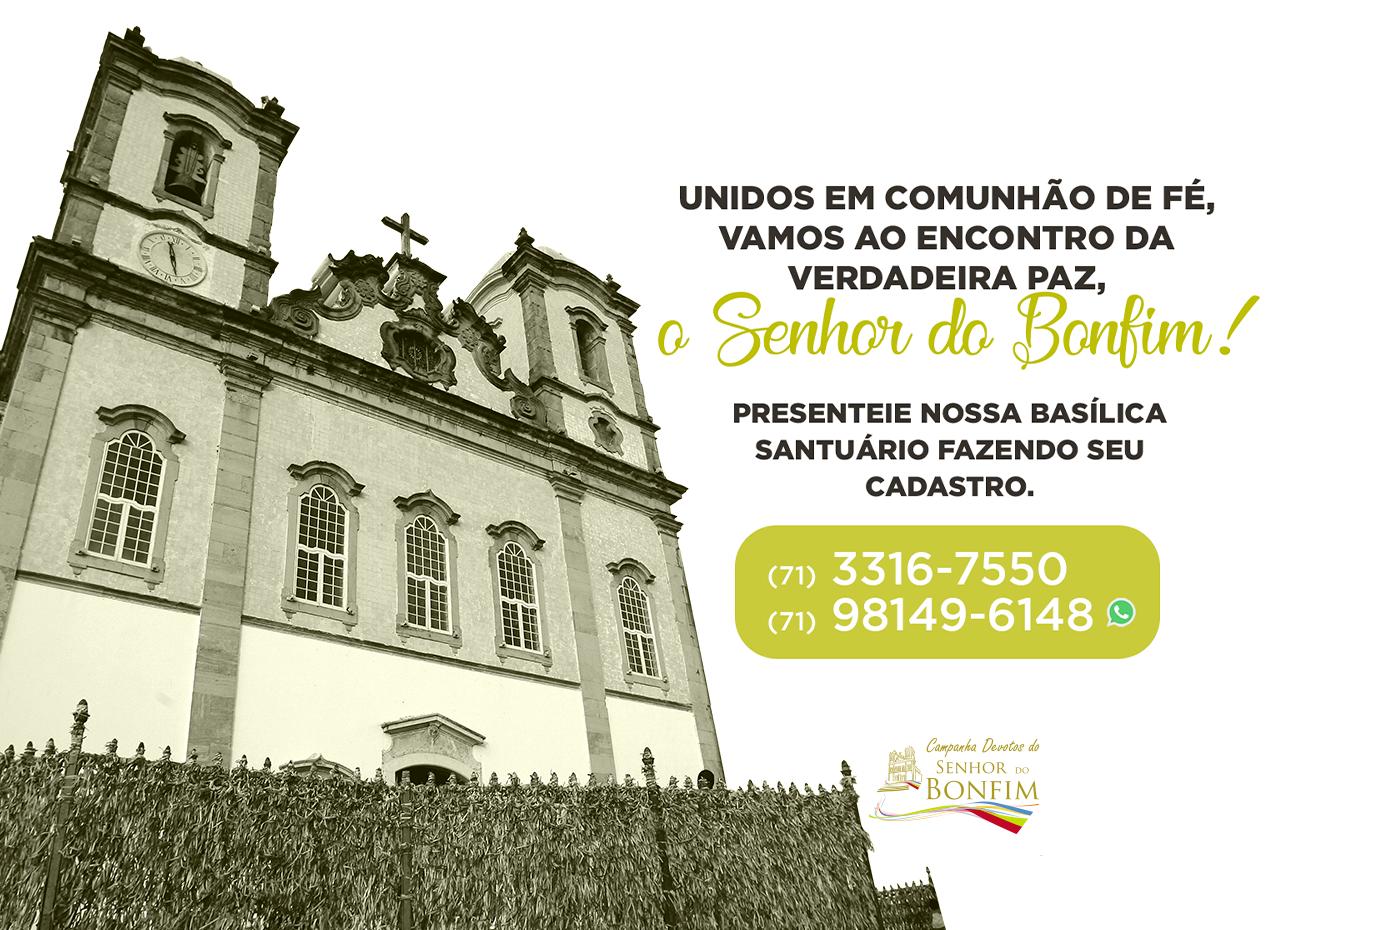 Presenteie nossa Basílica Santuário fazendo seu cadastro!